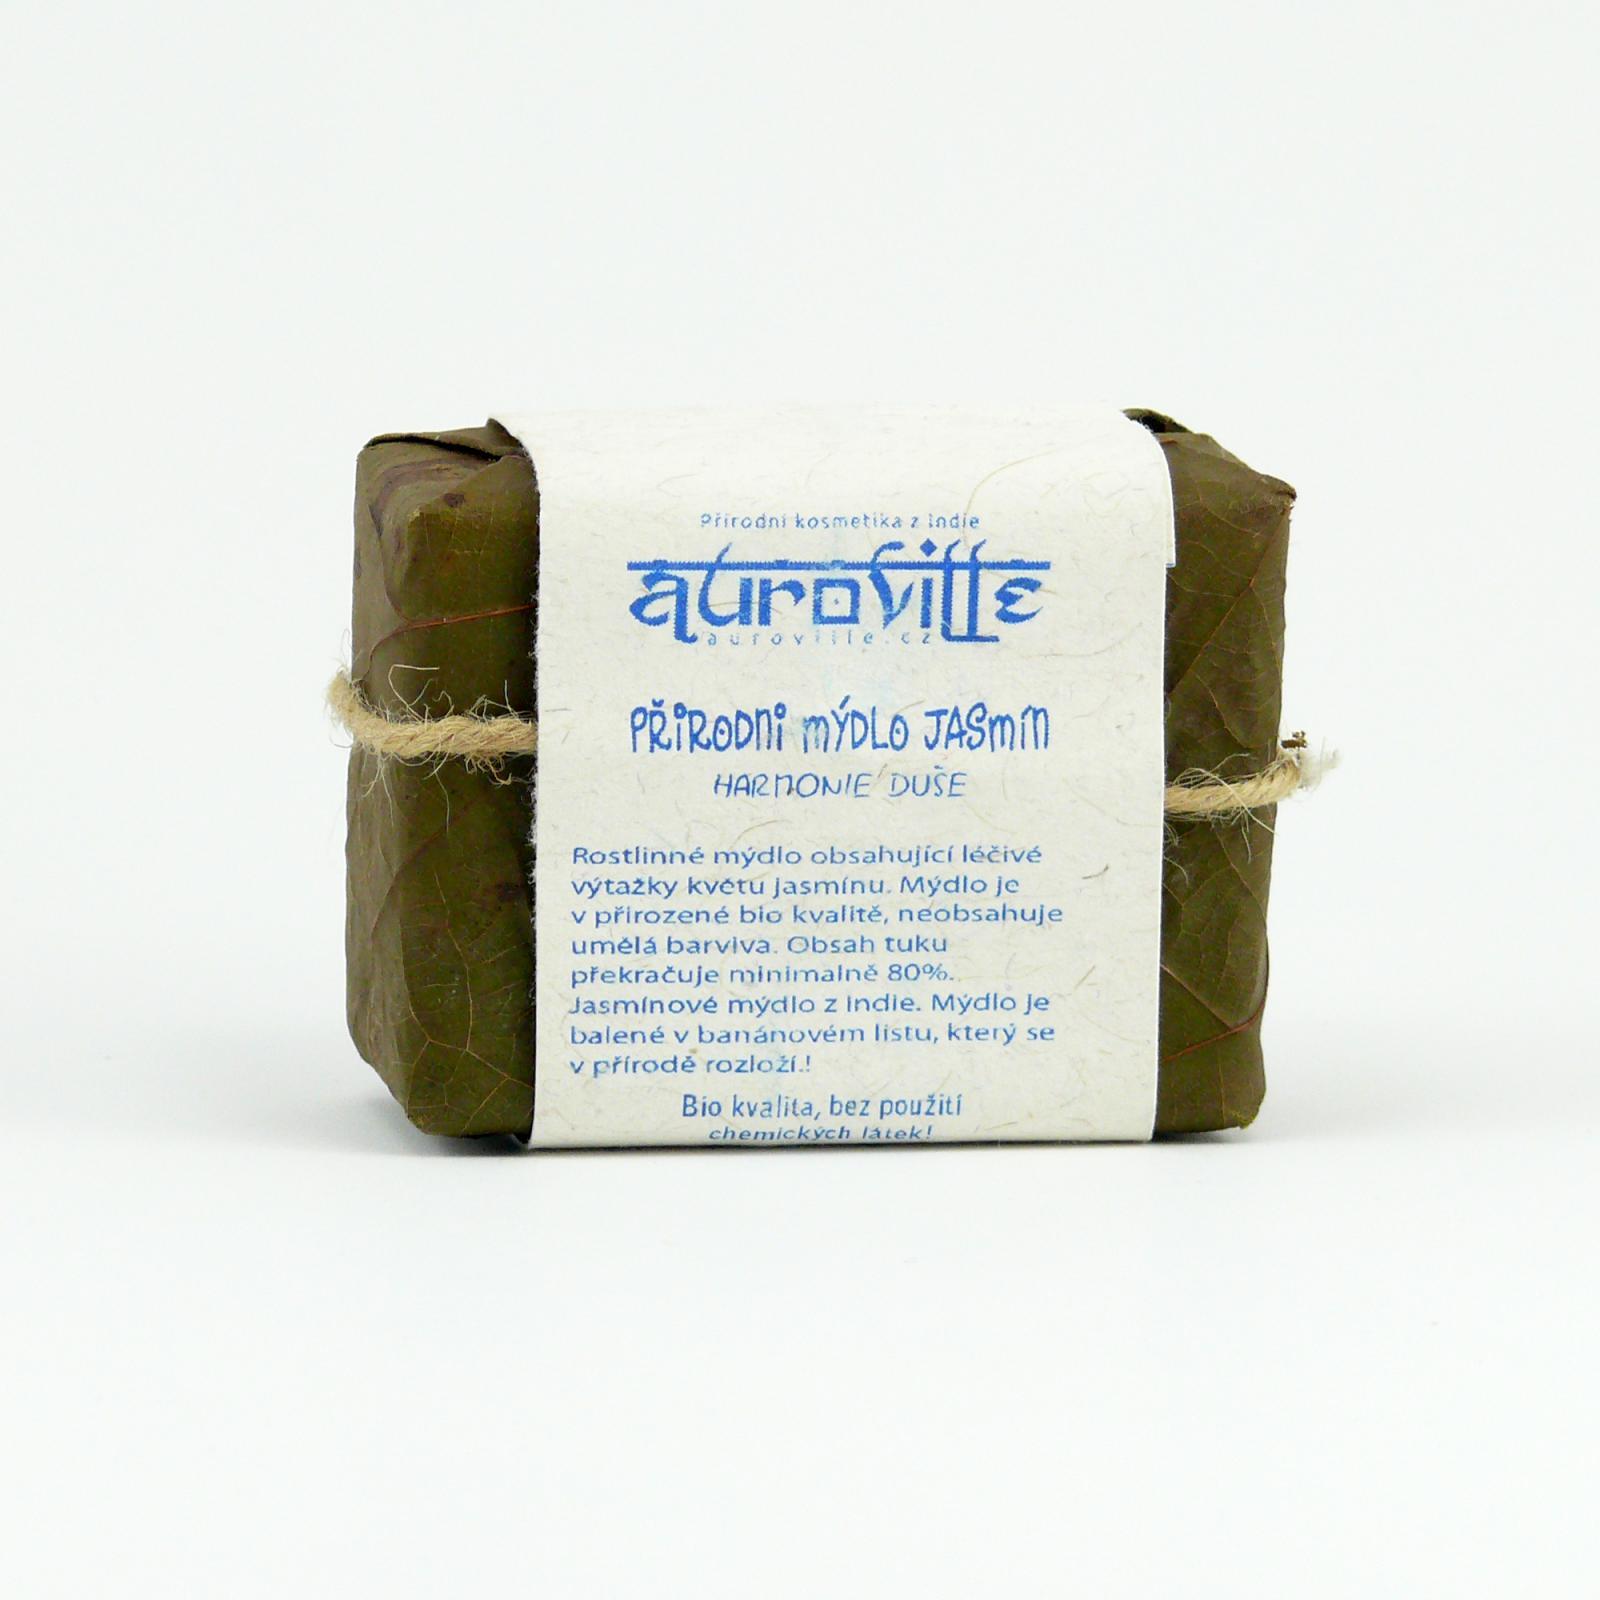 Auroville Mýdlo jasmín, Bon Auroville 100 g